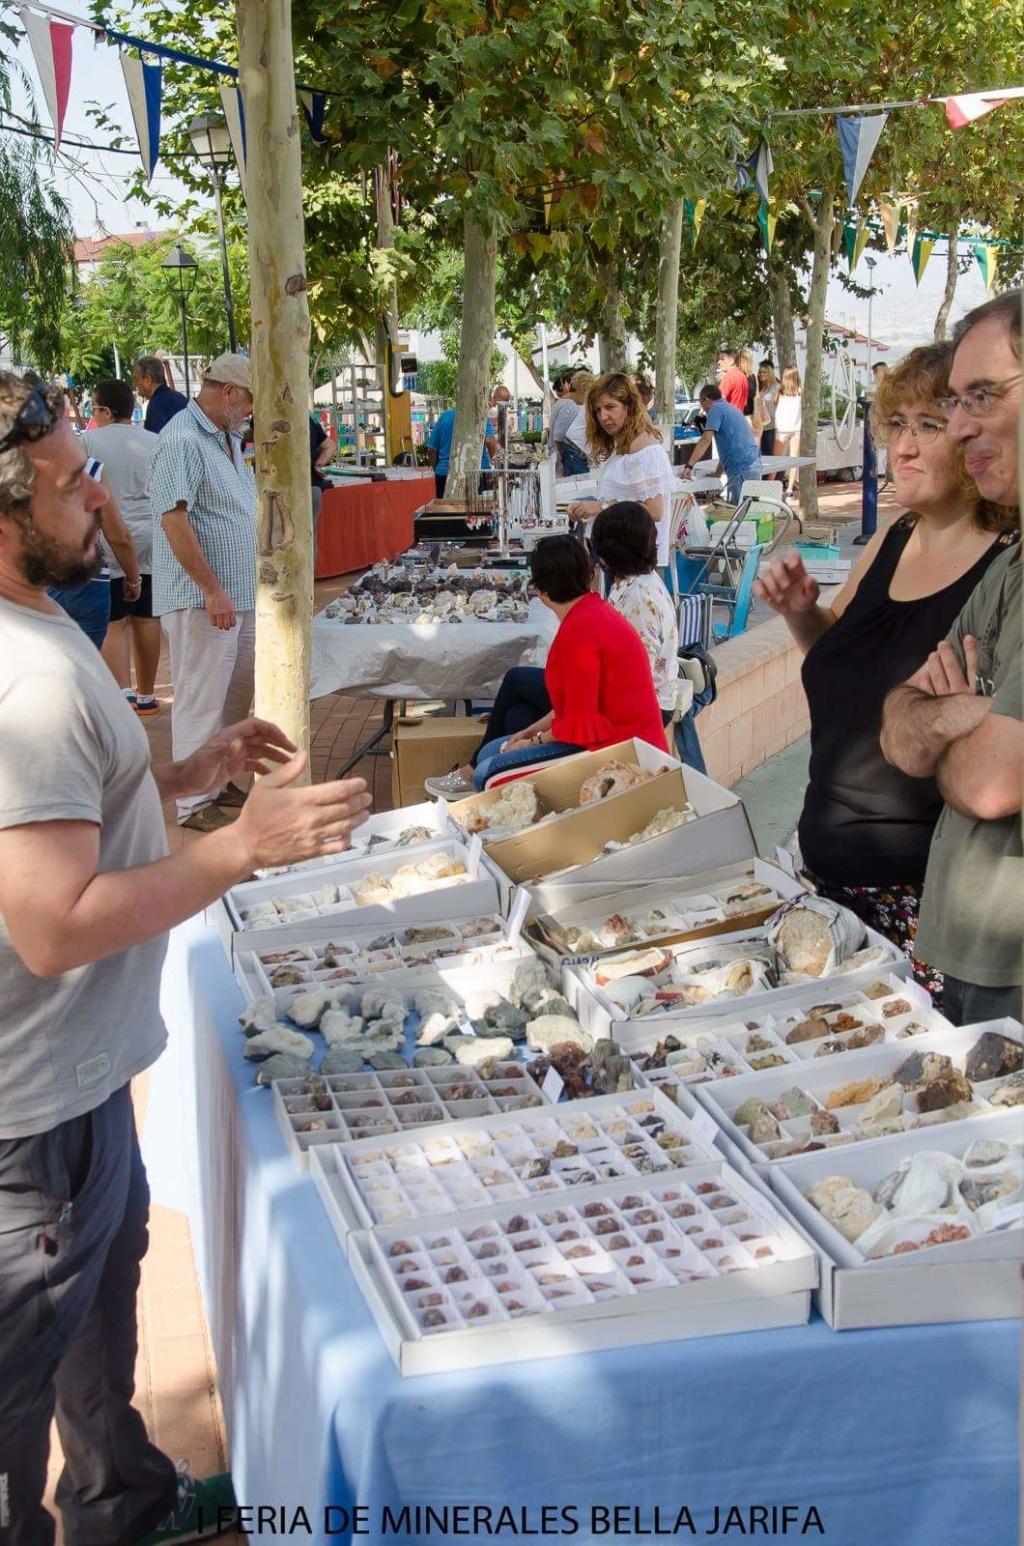 I Feria de minerales intercambio y venta de Cártama (MÁLAGA) - Página 6 Fb_im125